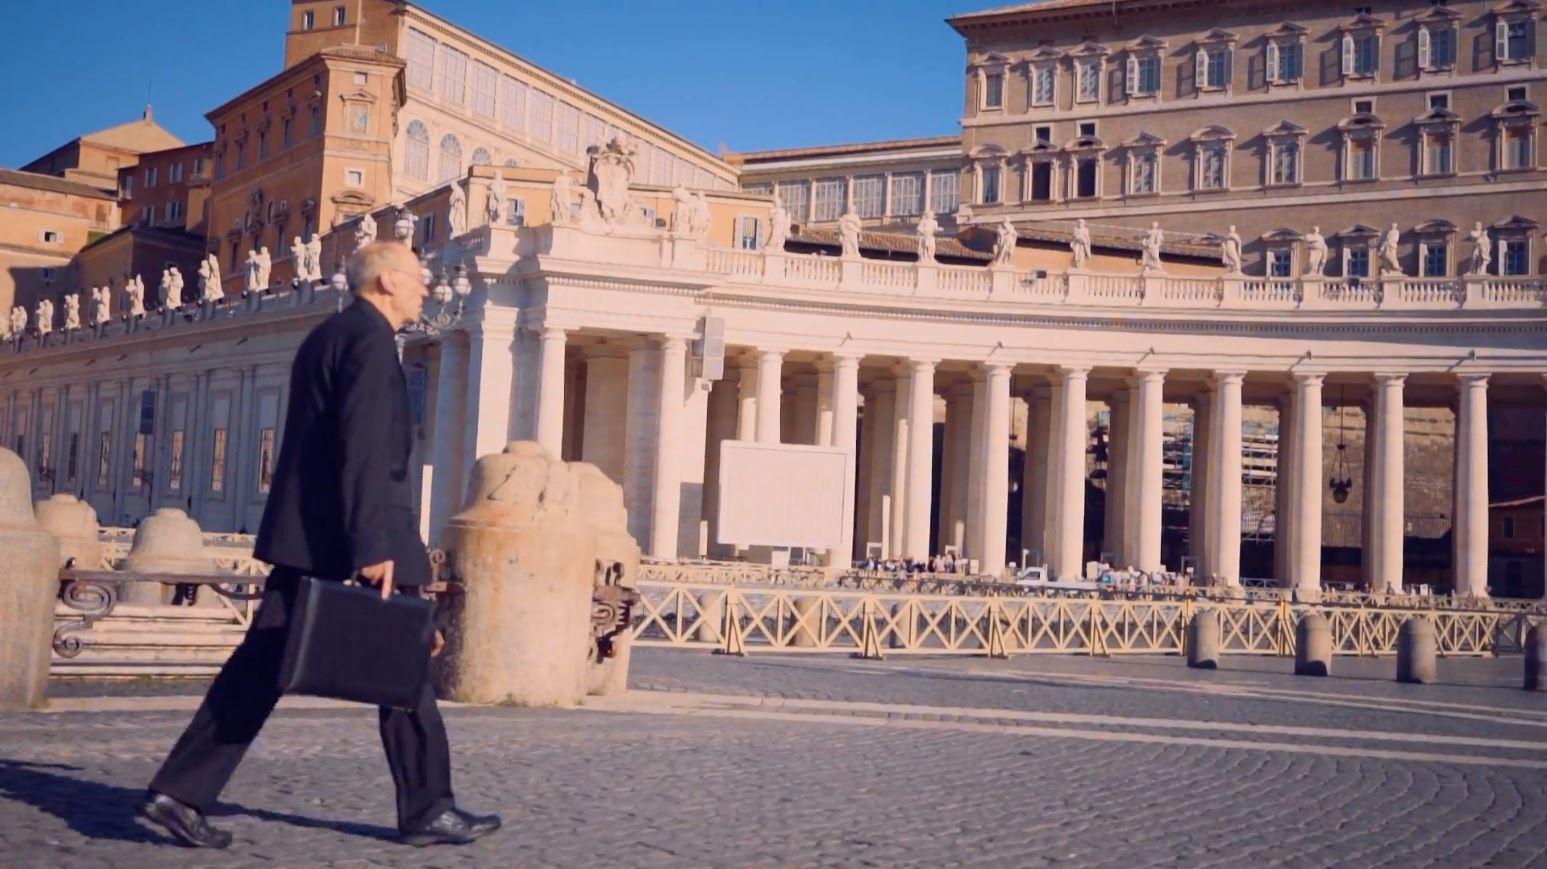 Un baile por Roma 8 - Be There Before